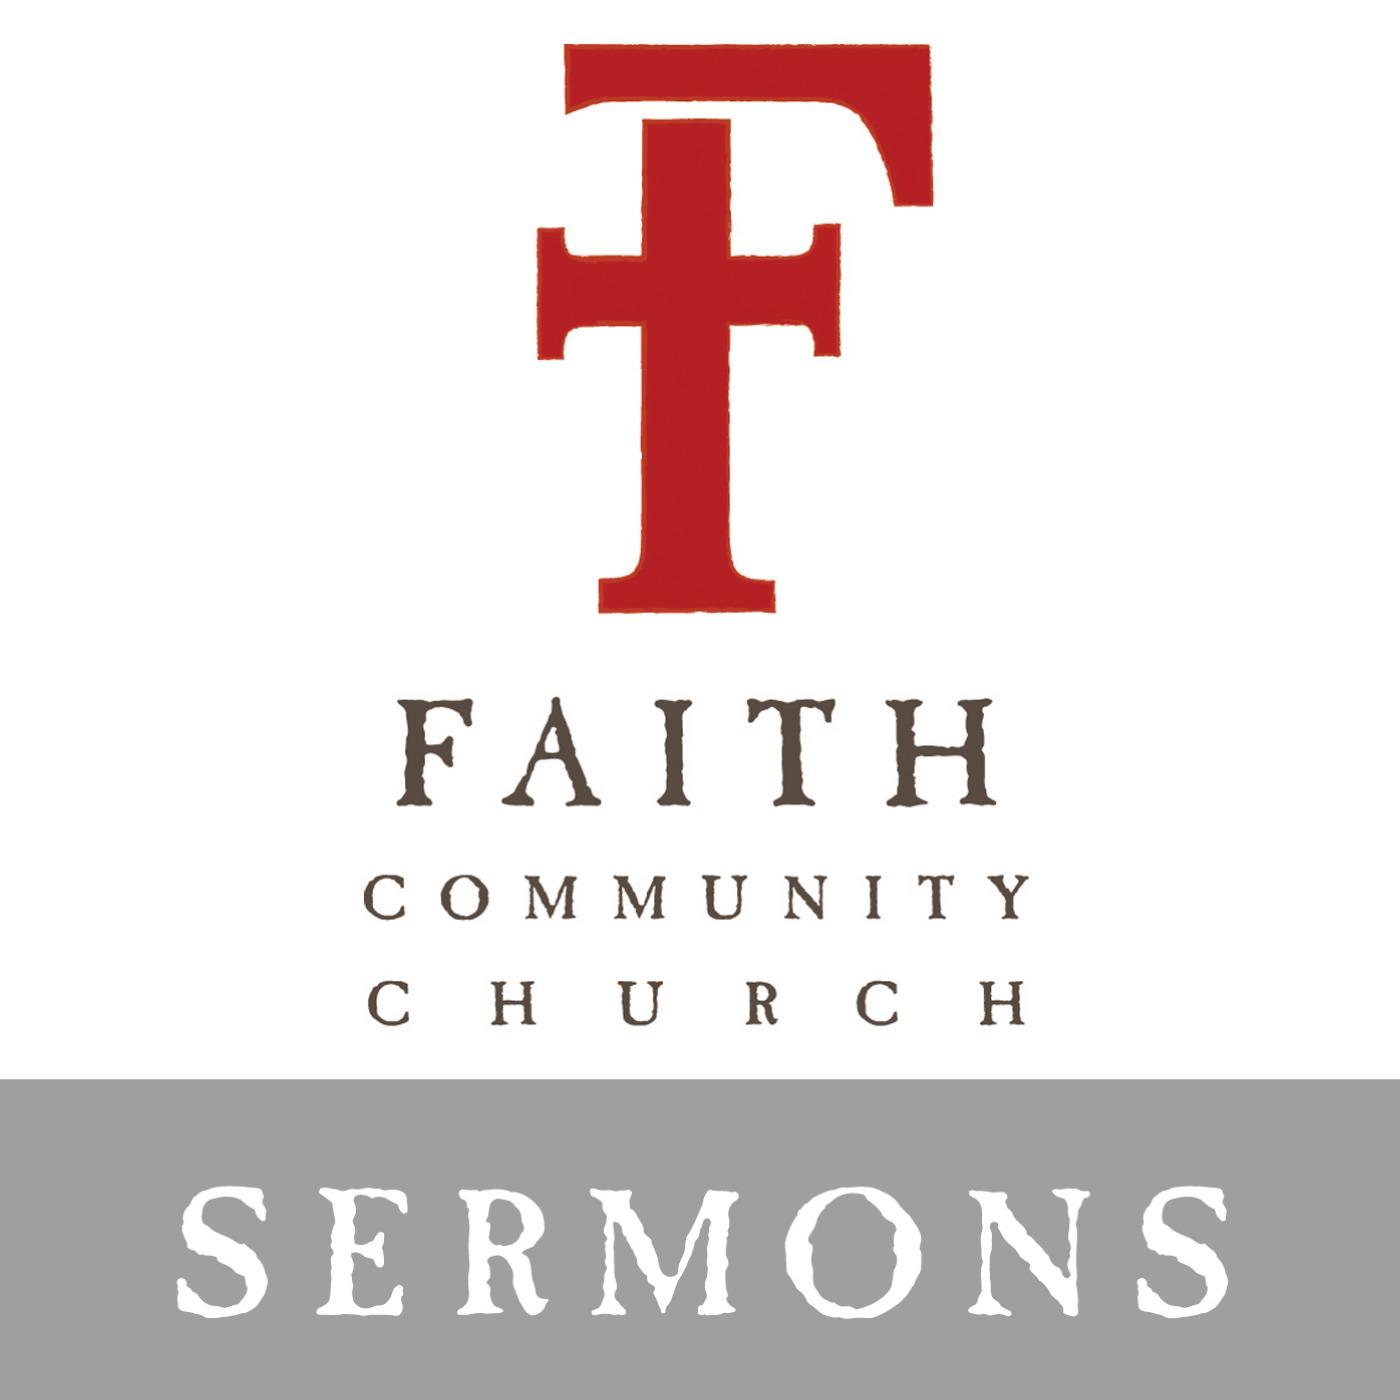 Faith Community Church Sermons